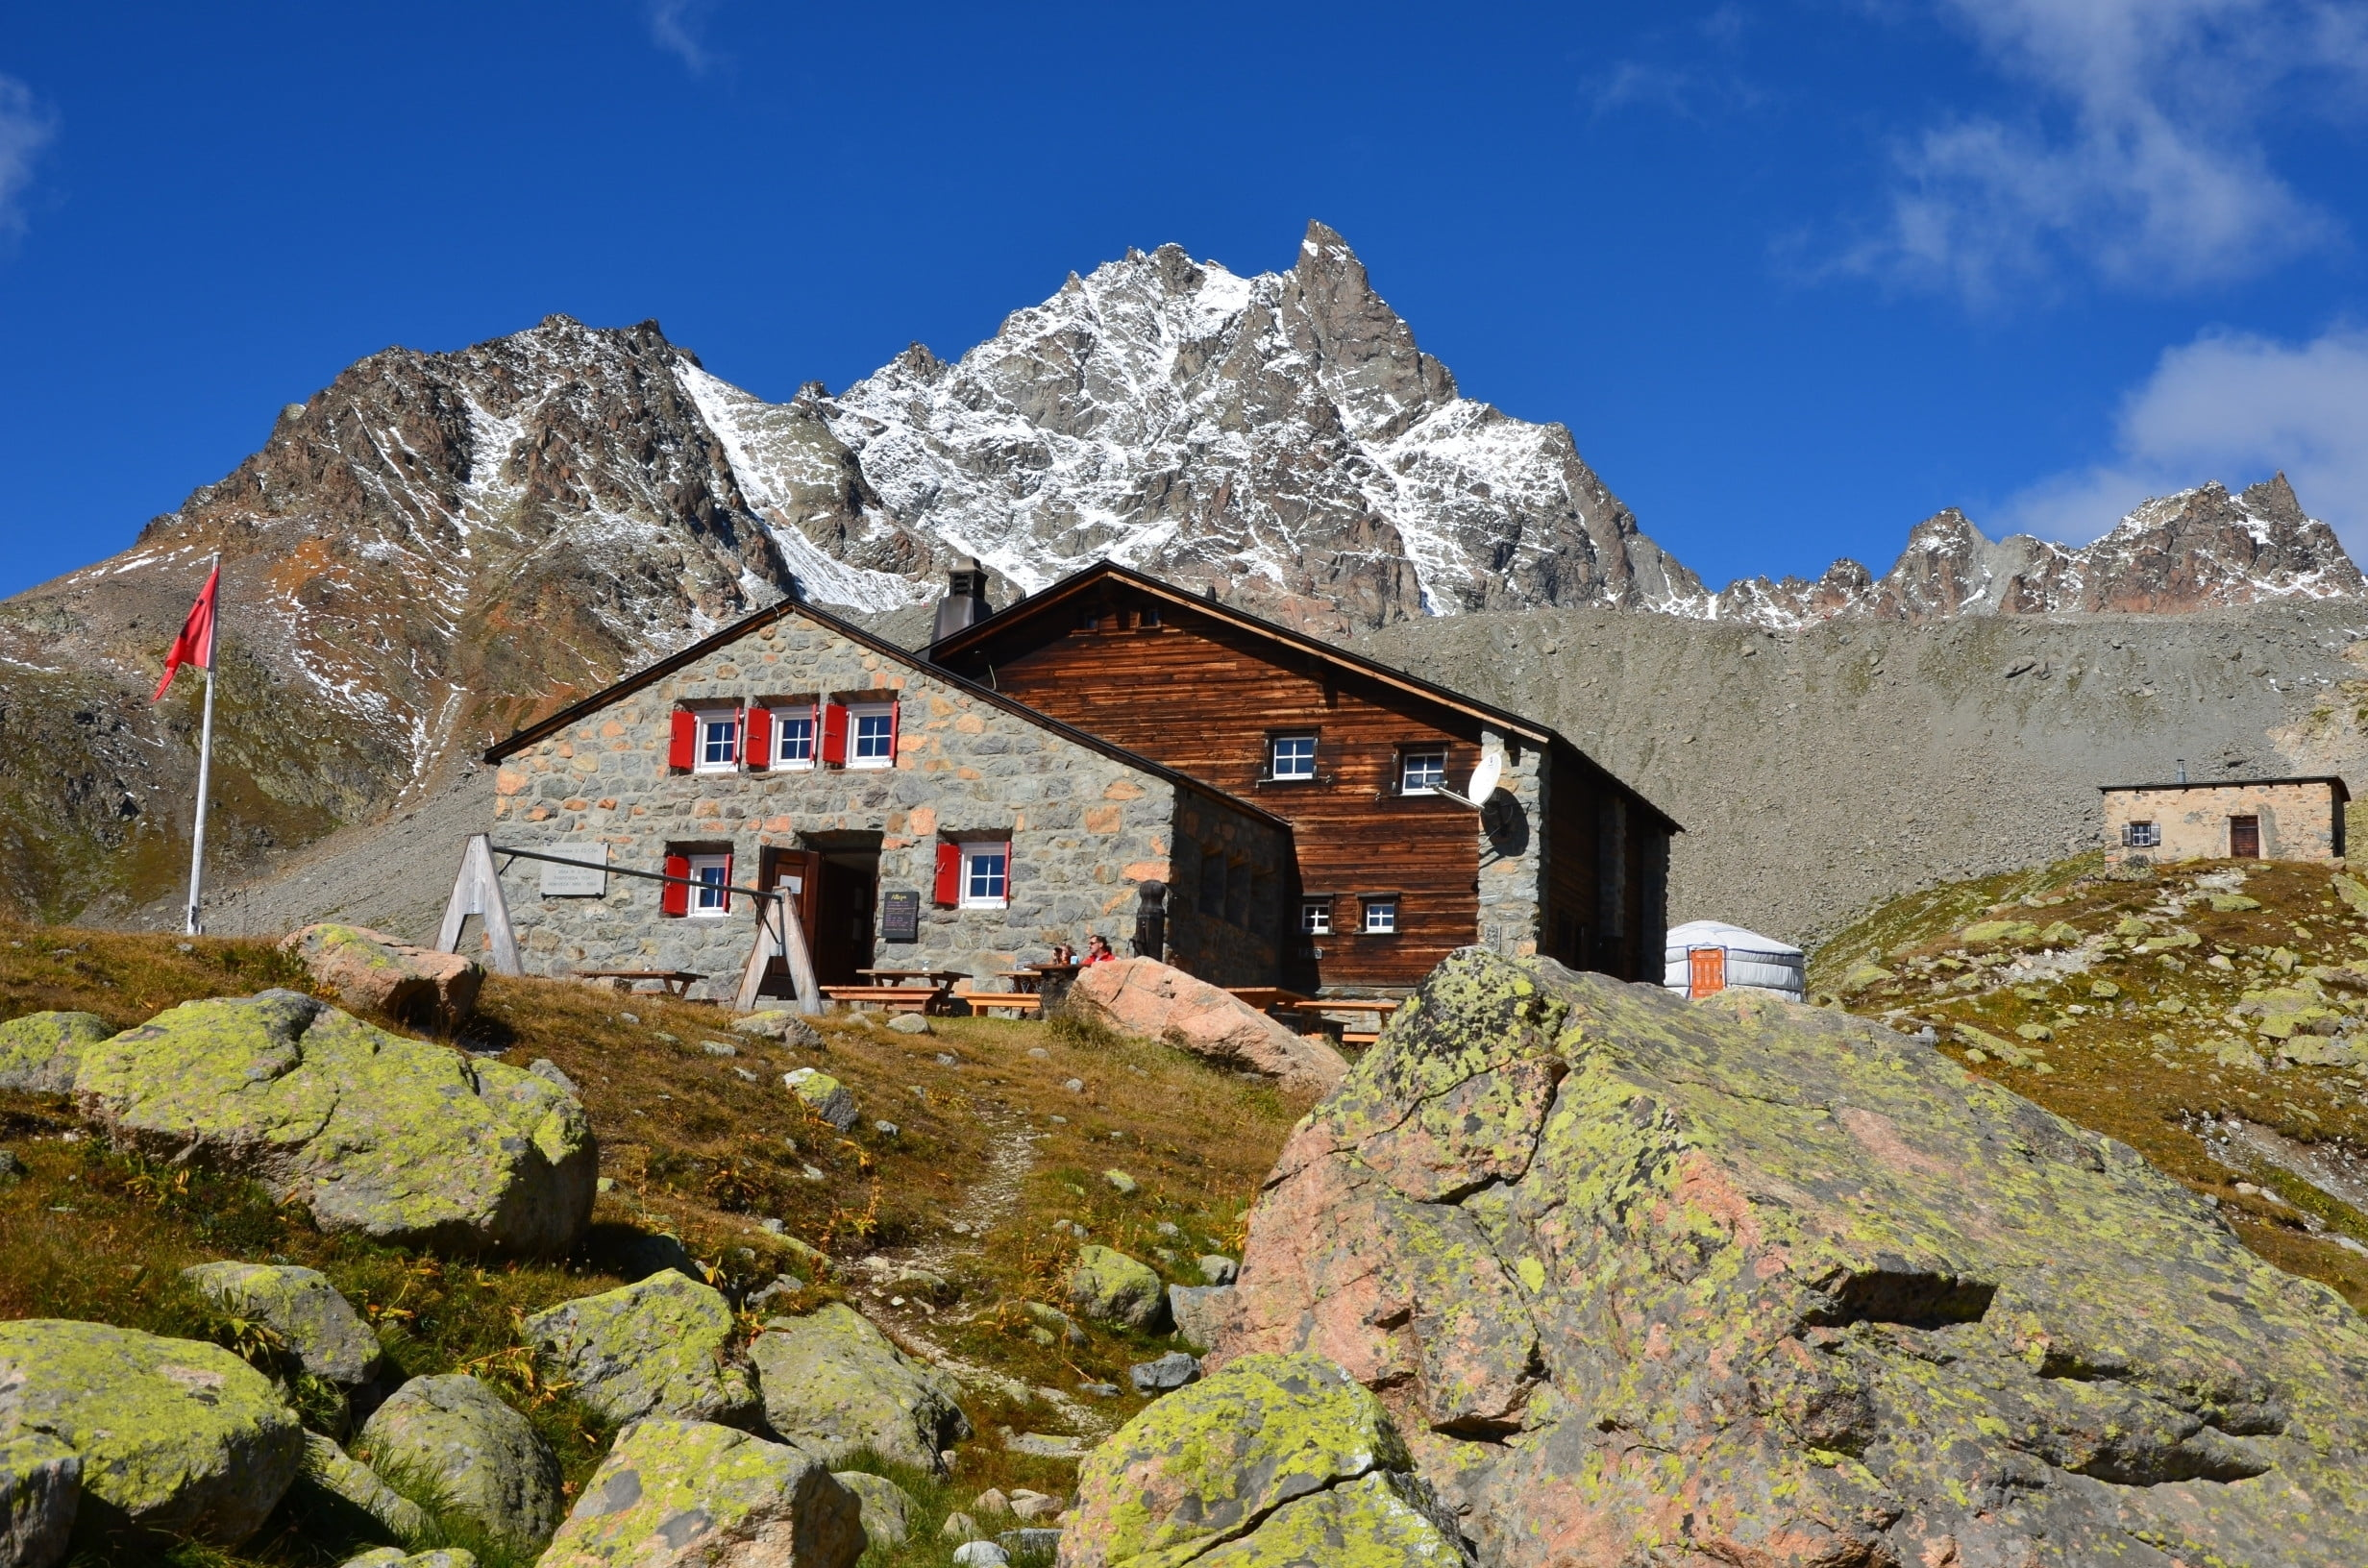 Berg- und SAC Hütten